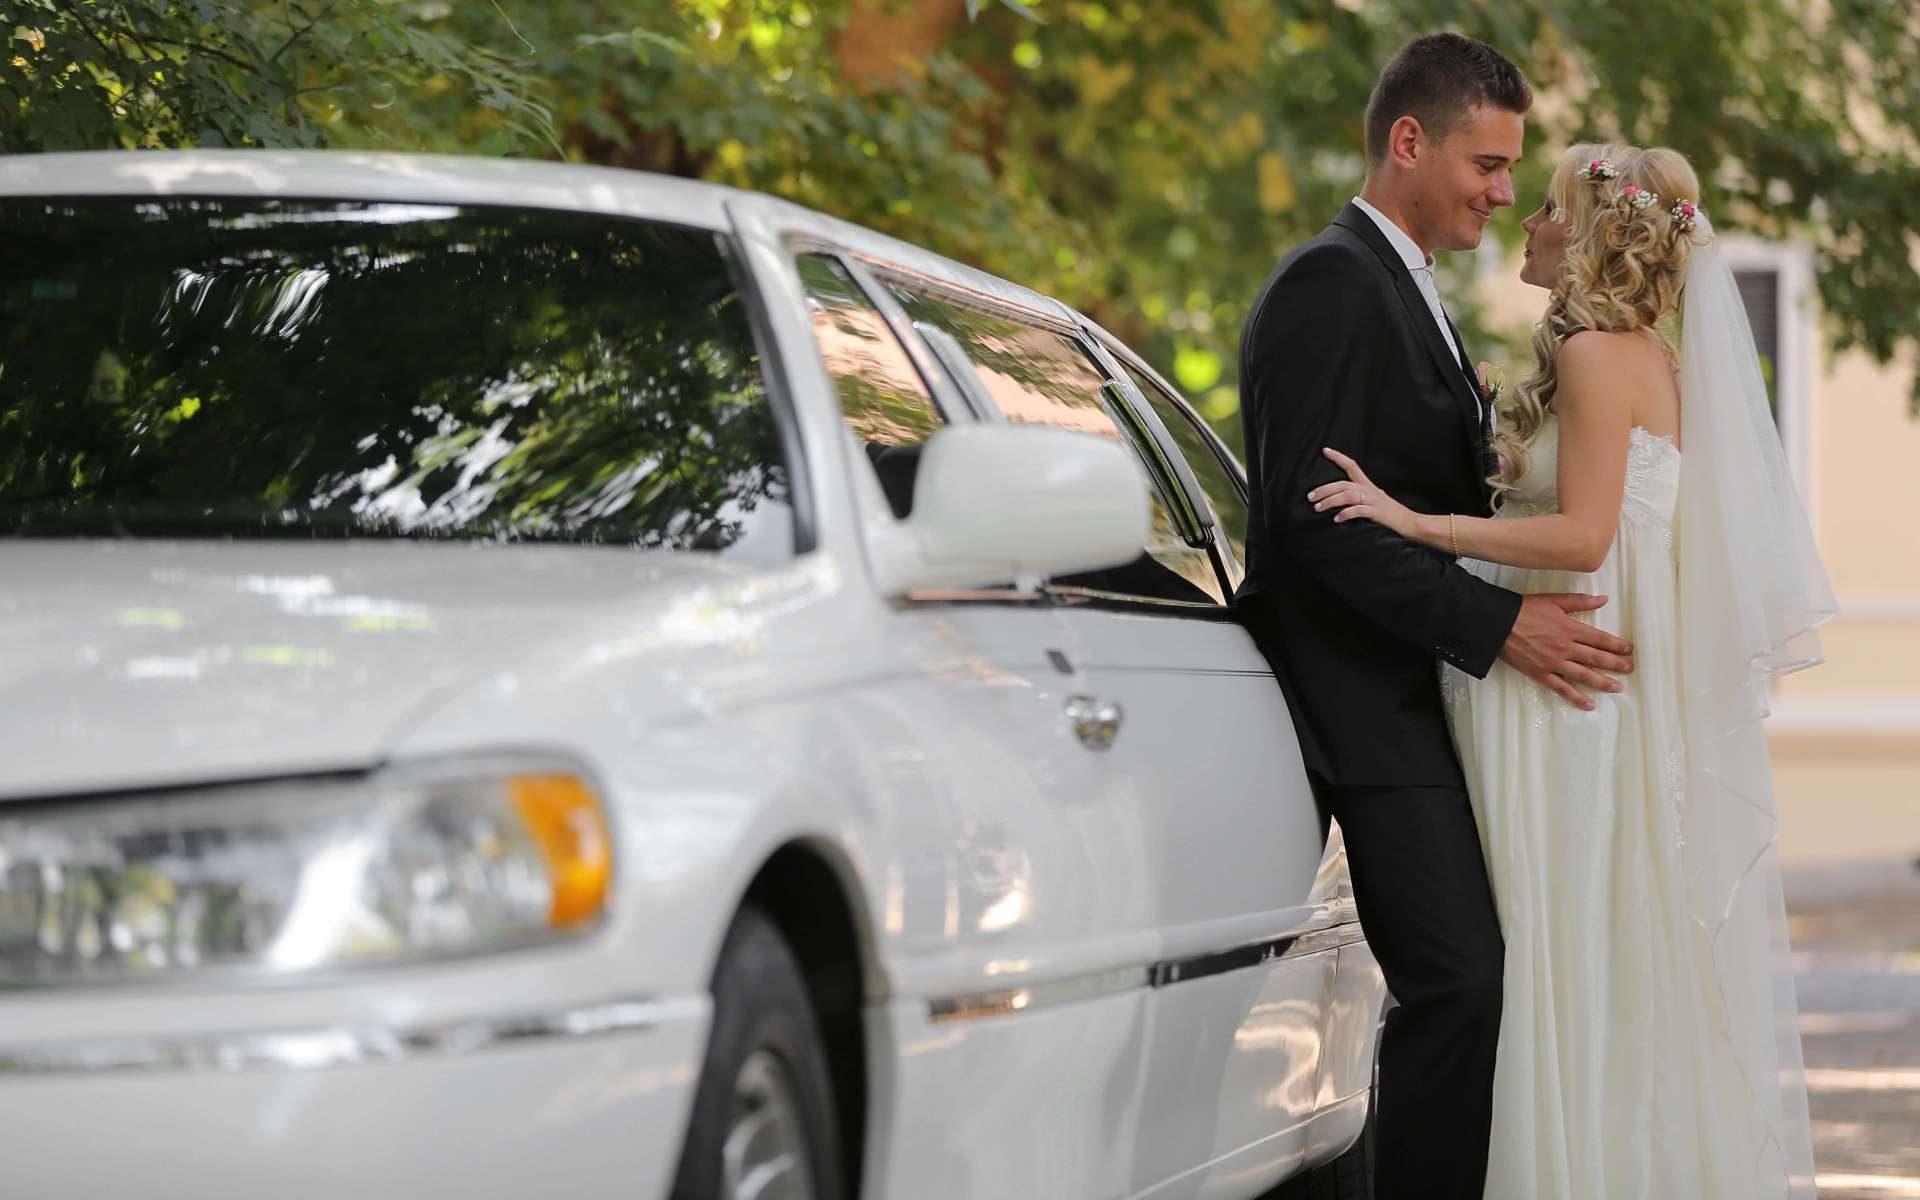 white limo - bride and groom - wedding - wedding limo price